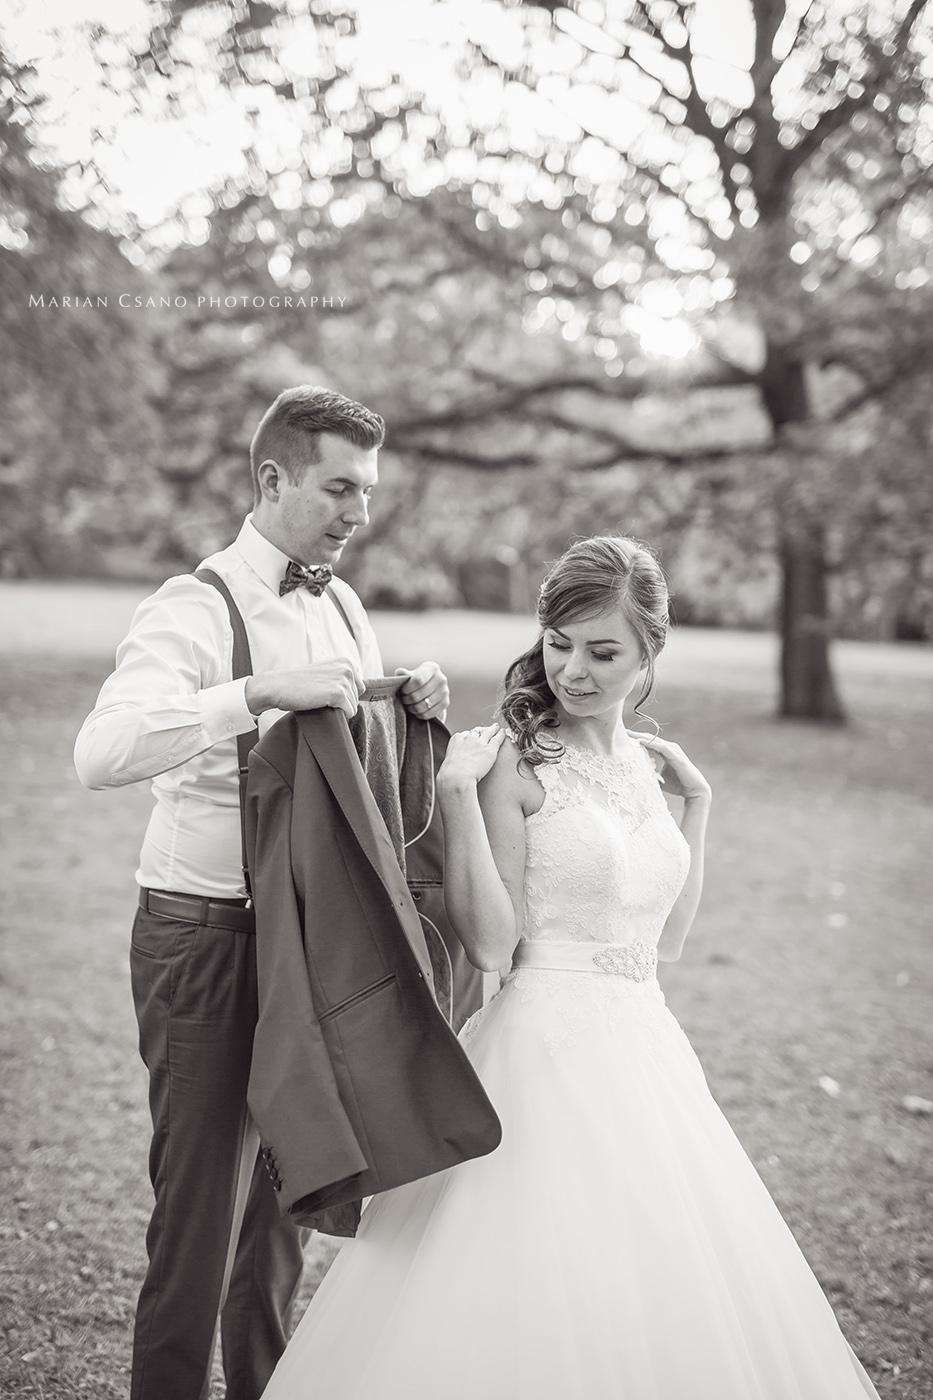 Veronika & Vlado - Obrázok č. 16